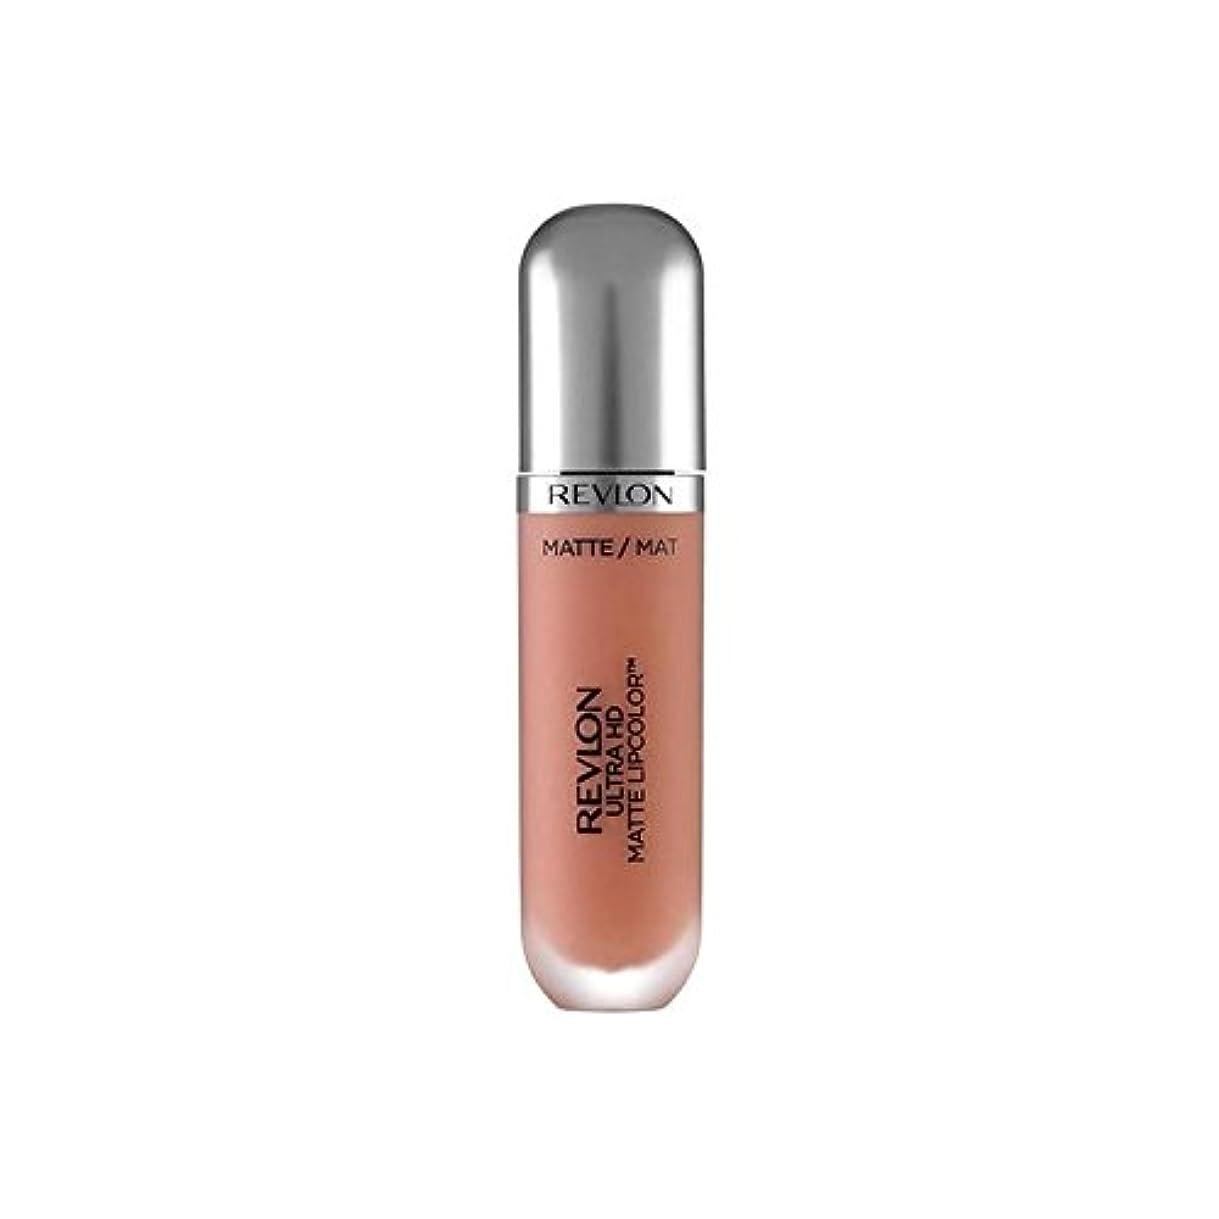 保守可能贈り物栄光のRevlon Ultra HD Matte Lipstick Seduction 5.9ml - レブロンウルトラマット口紅誘惑の5.9ミリリットル [並行輸入品]